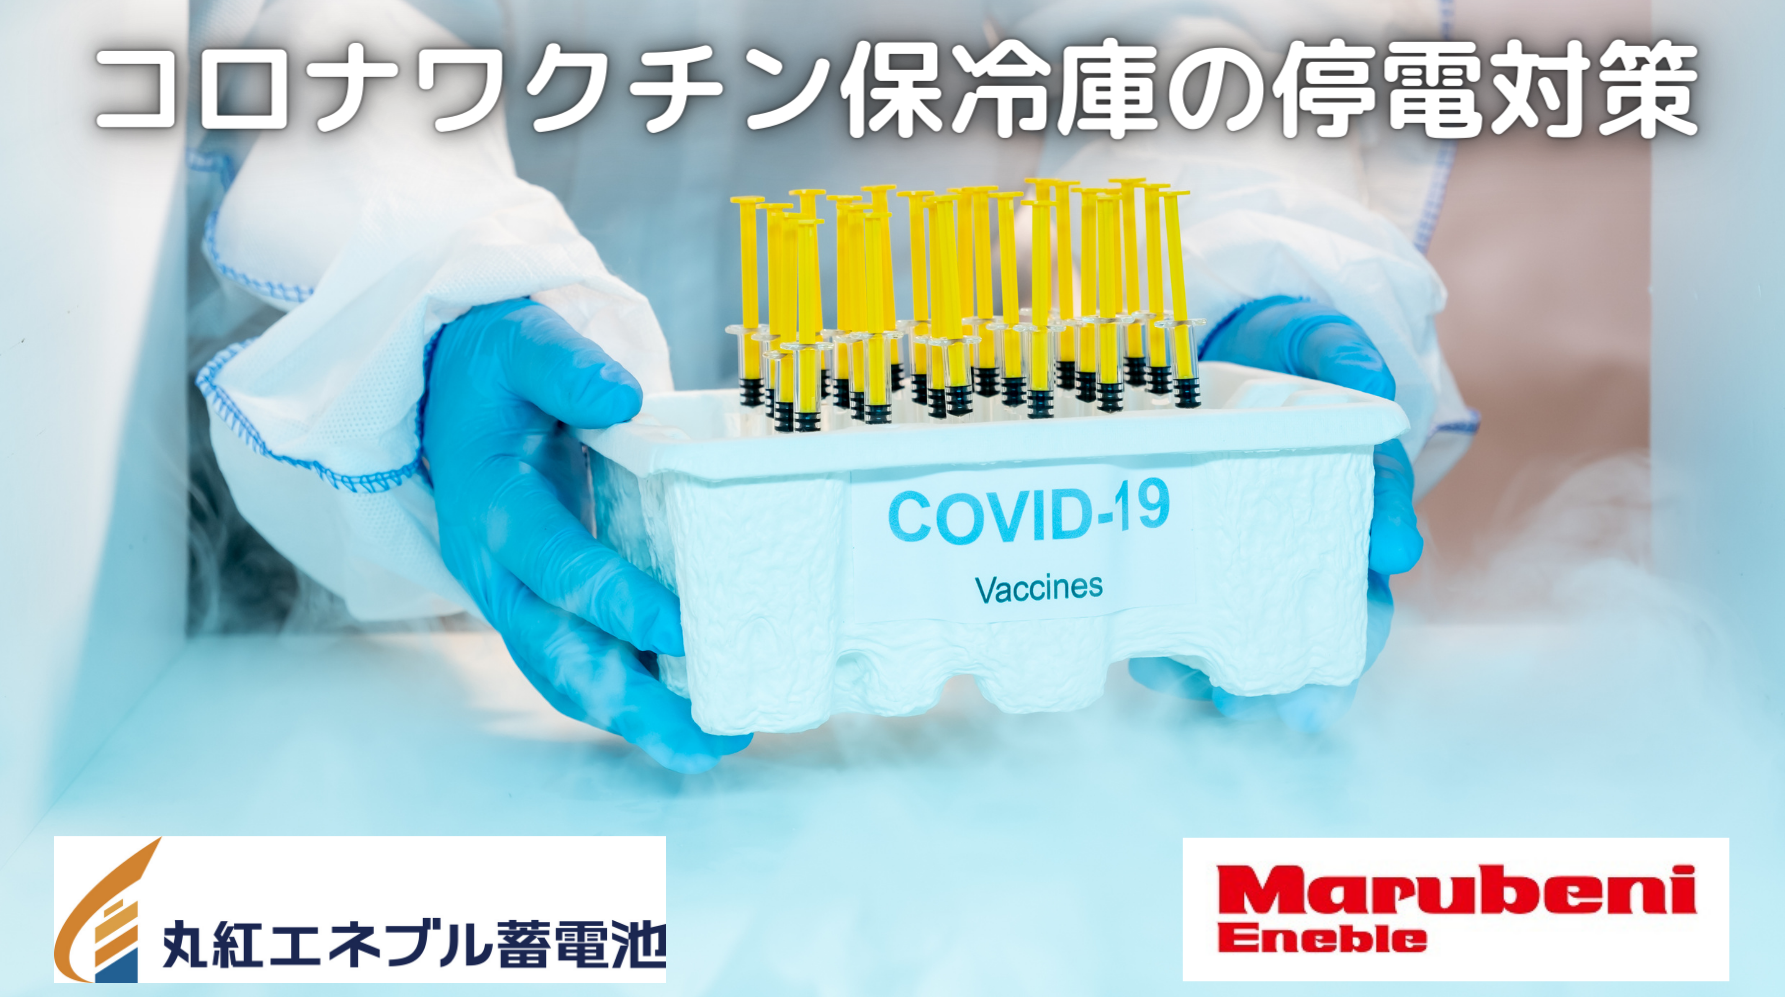 【2021年最新】コロナワクチン保冷庫・ディープフリーザーの停電対策!医療用蓄電池の選び方を紹介!